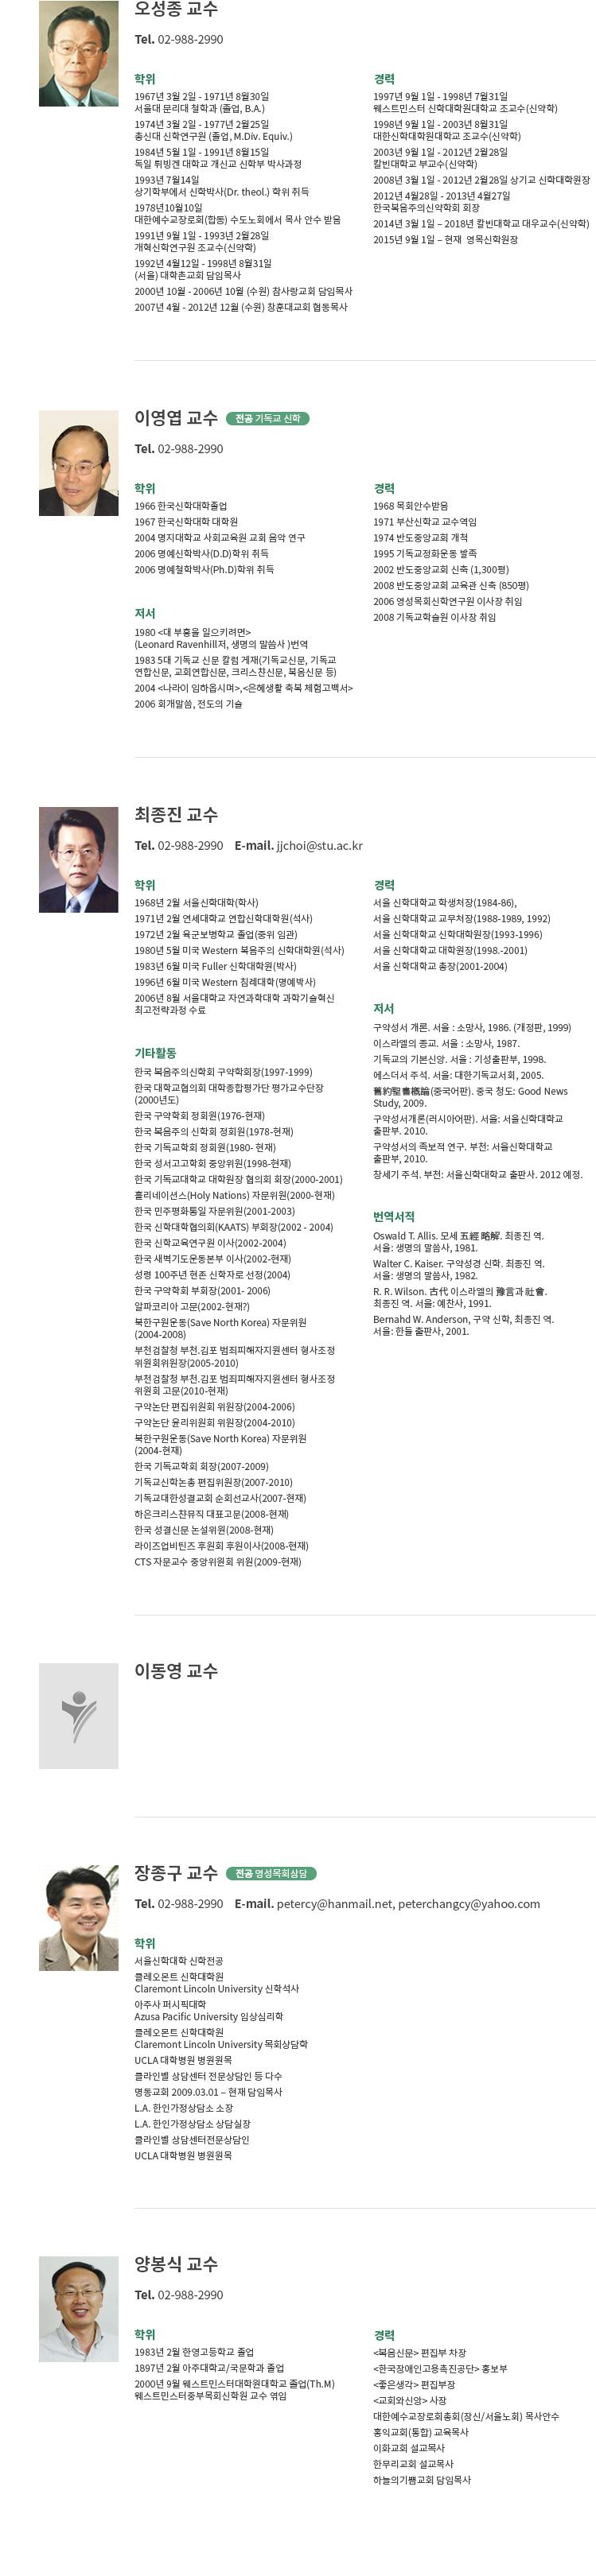 영목신학원_01영목소개_교수진_20190902_03.jpg